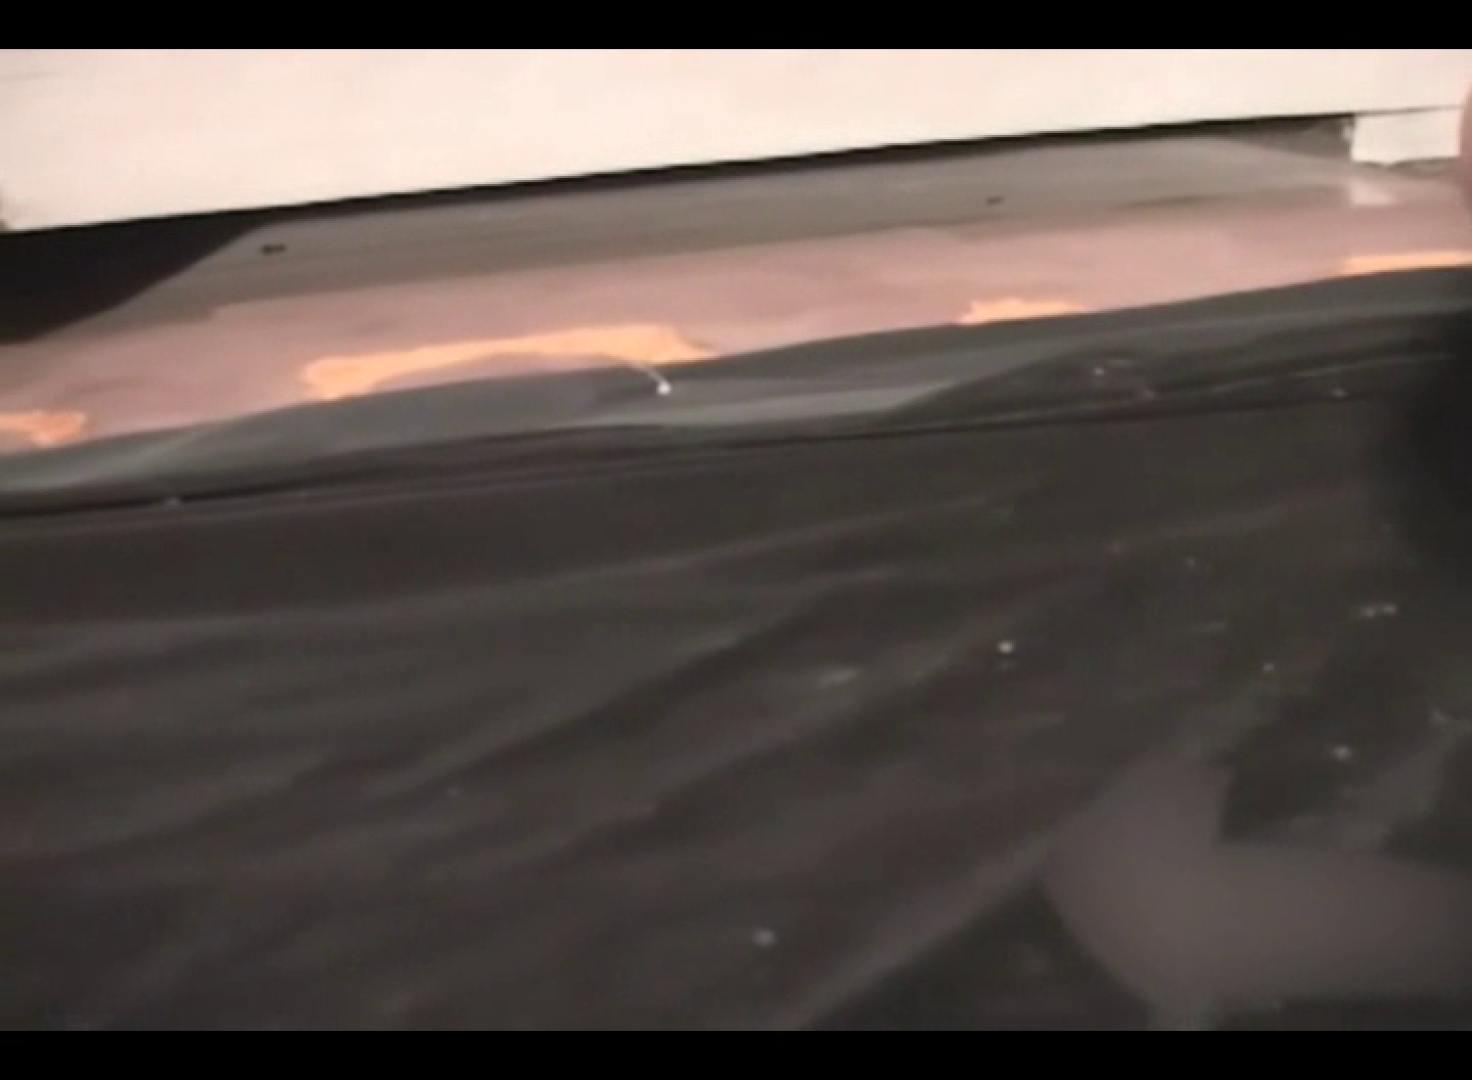 オラオラ系兄さんが超絶テクニックでイクっ!!後編 イケメンのゲイ達 ゲイヌード画像 65枚 17